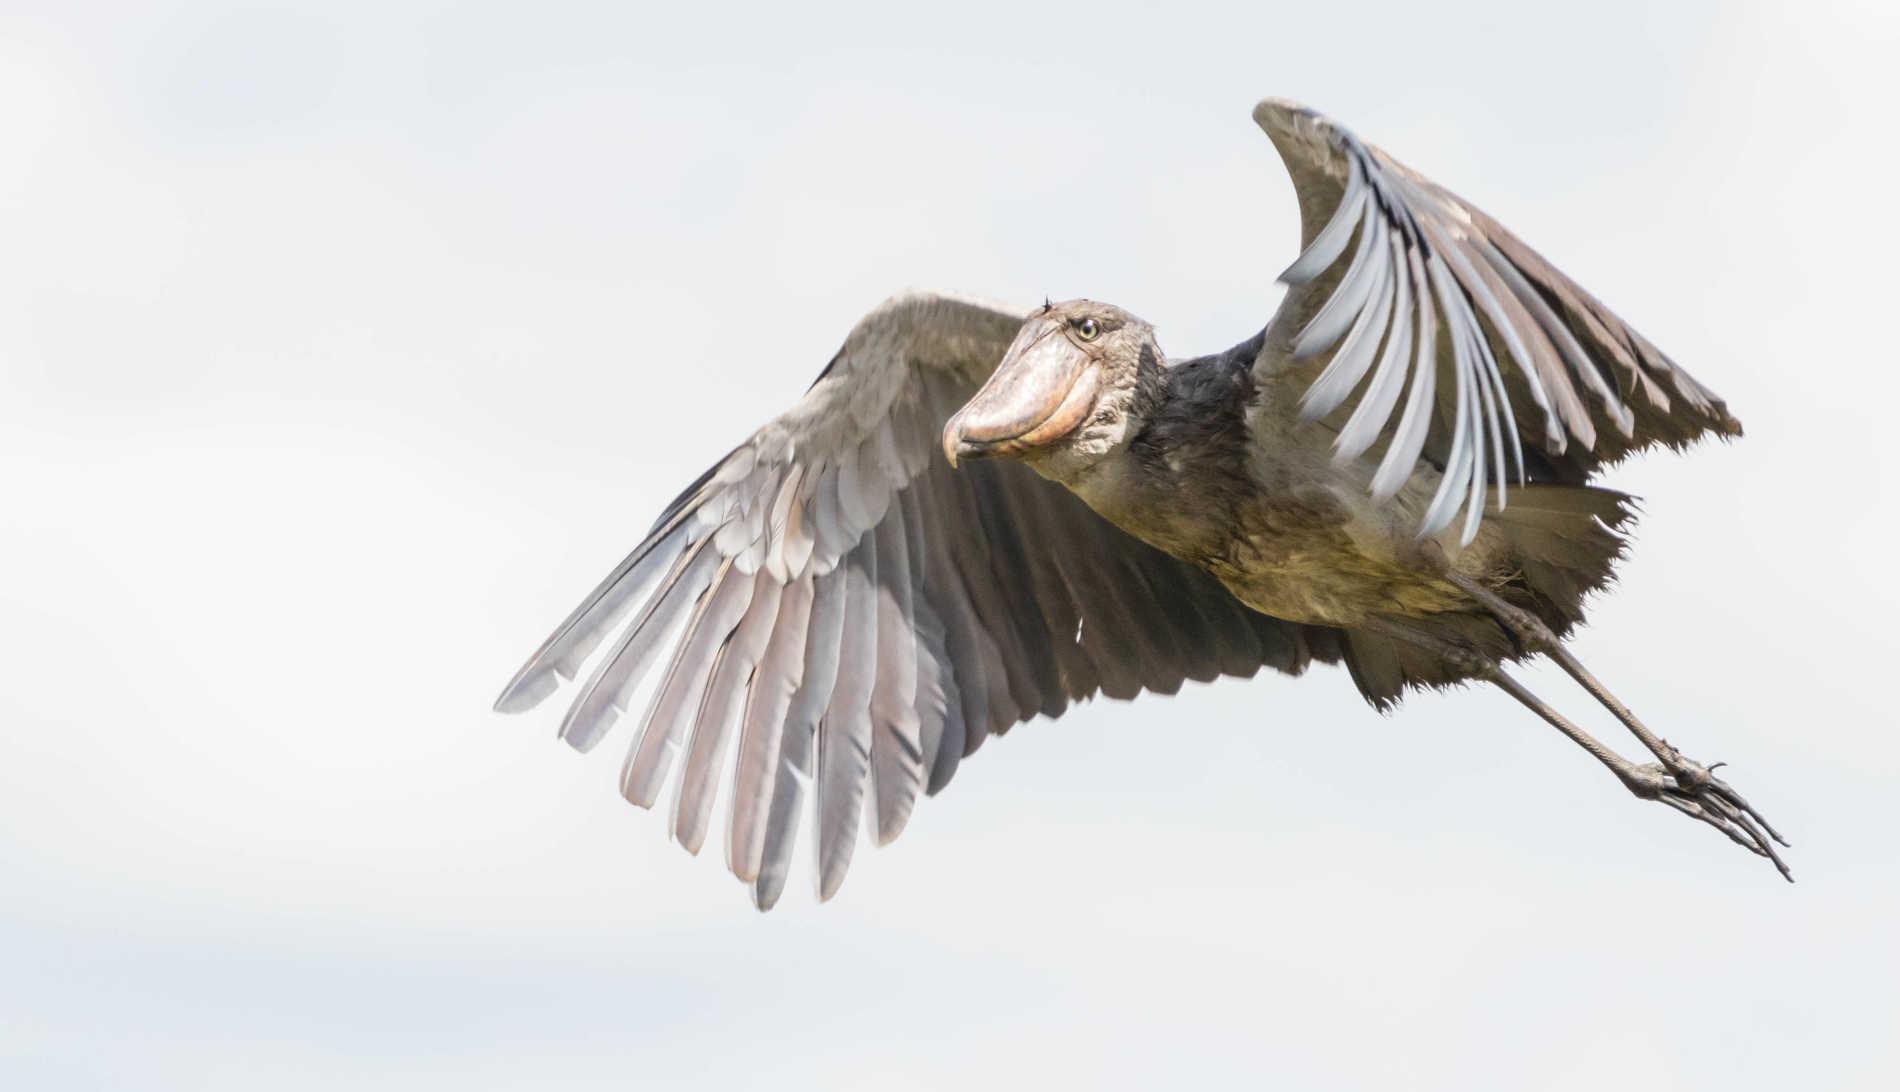 Shoe bill birding in Uganda